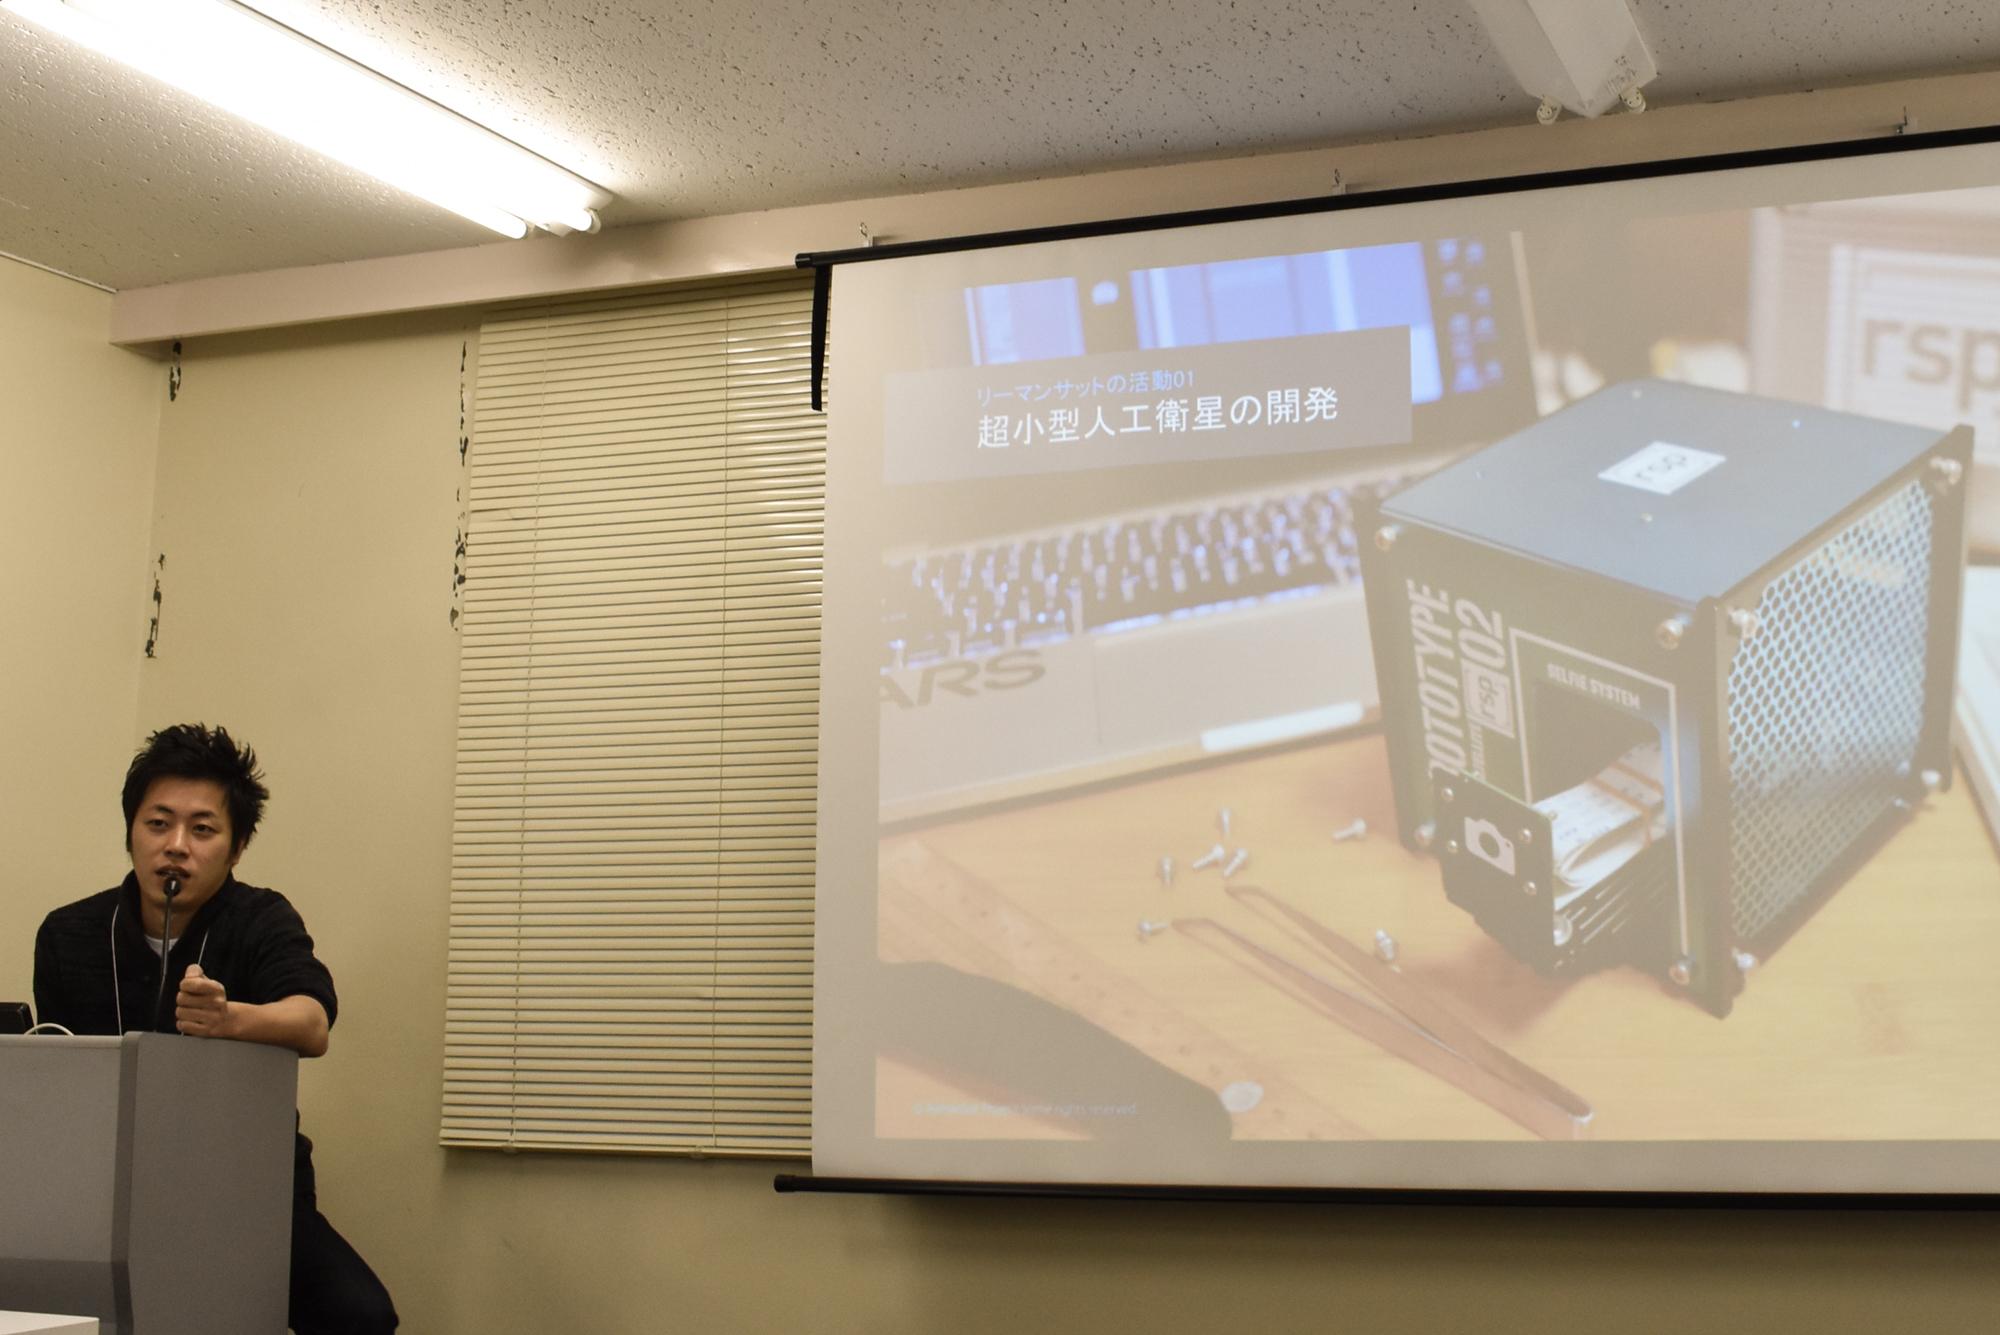 リーマンサット・プロジェクト定例ミーティングで解説する立ち上げメンバーのひとり、大谷和敬さん